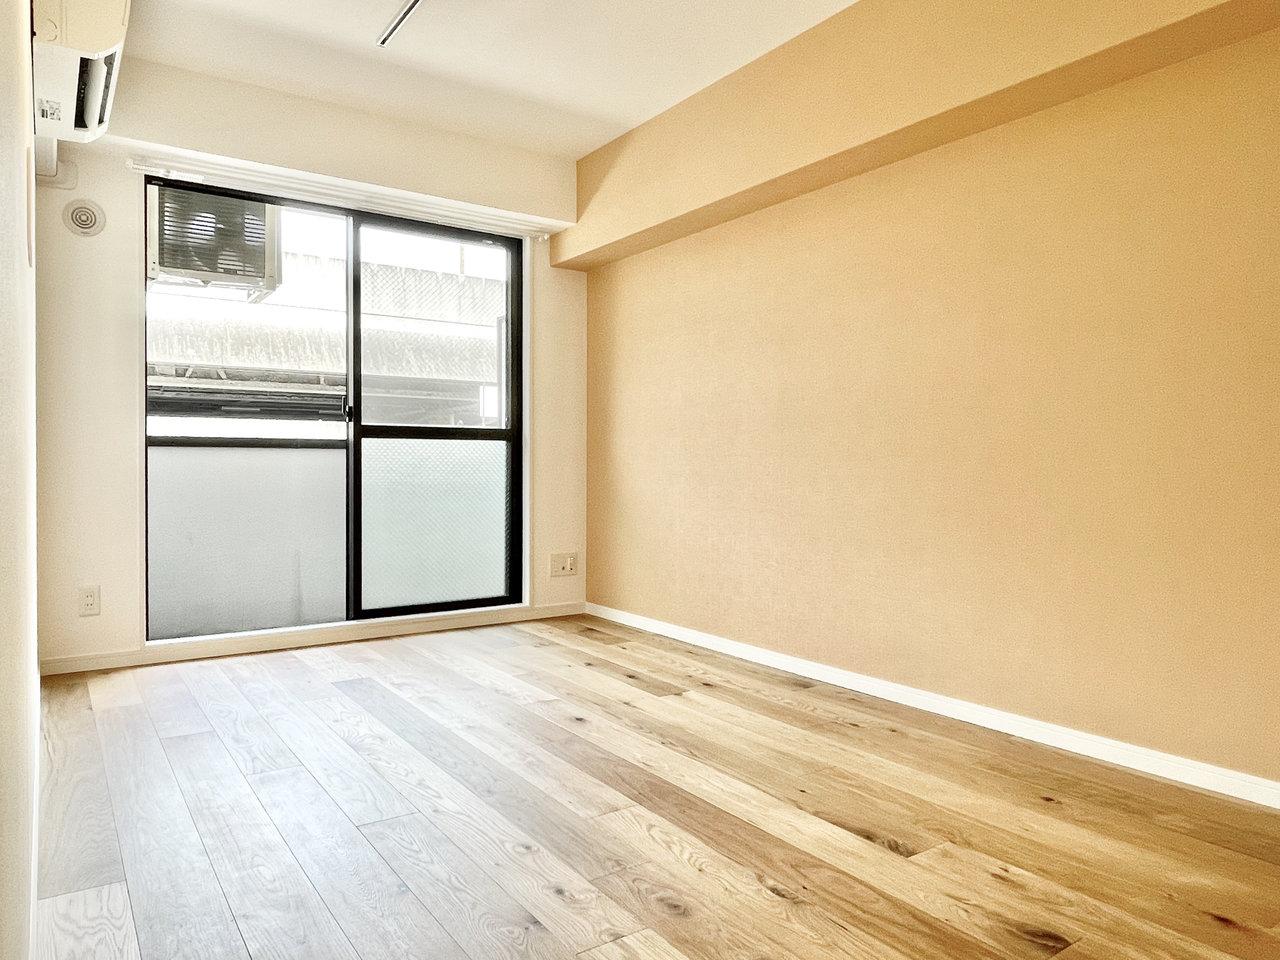 無垢床は高級家具でよく見かける、オーク材を使用しています。シンプルな1Kの間取り、そしてお買い物も通勤も便利な大阪の中心部にあるお部屋なので、はじめてのひとり暮らしにもおすすめです。